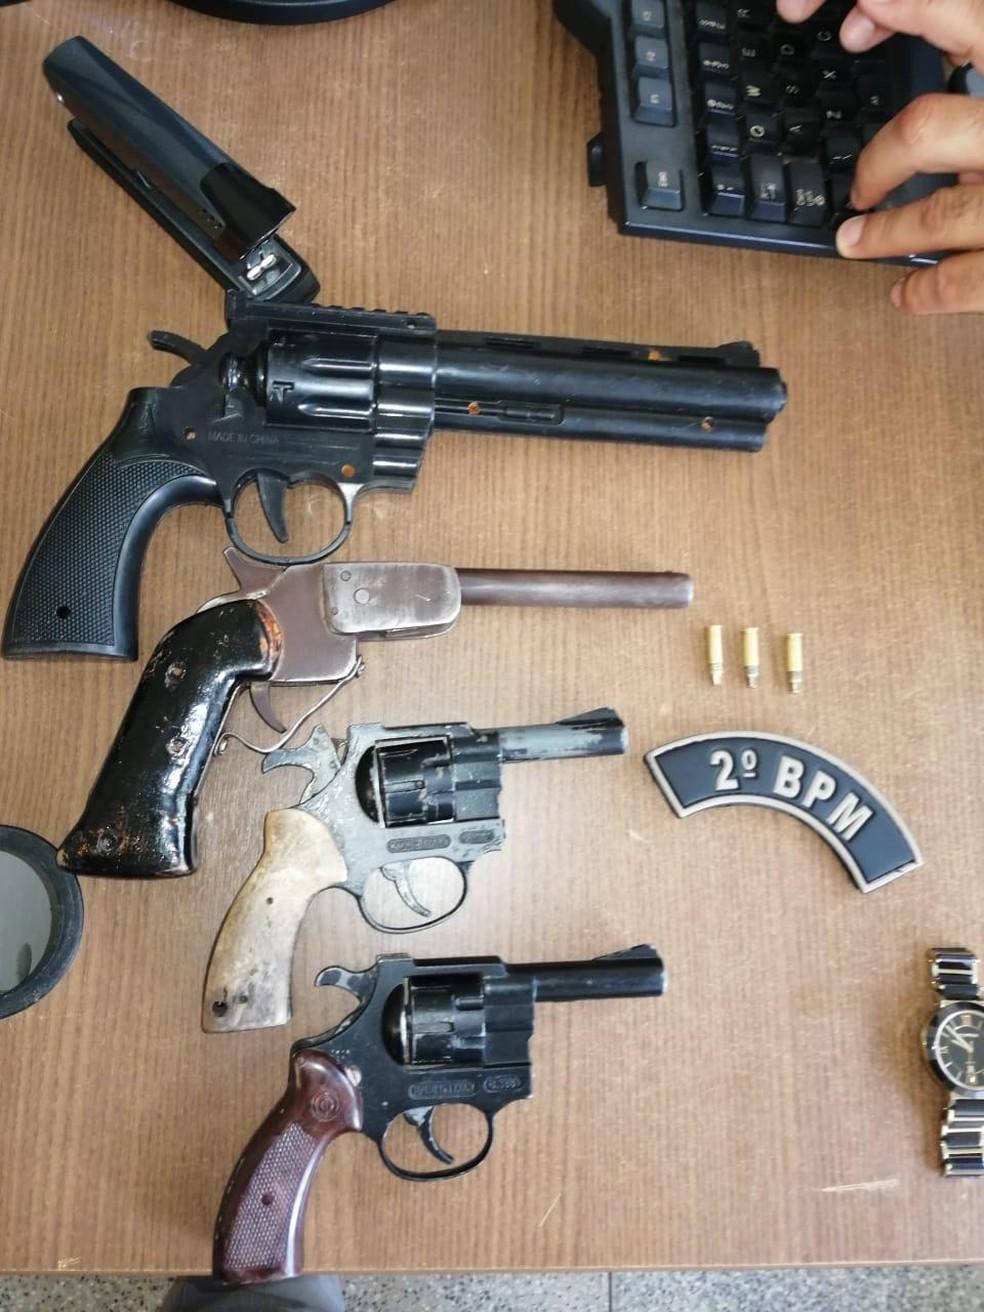 Armas foram encontradas com quadrilha após assalto em loja — Foto: Divulgação/Polícia Militar do Acre